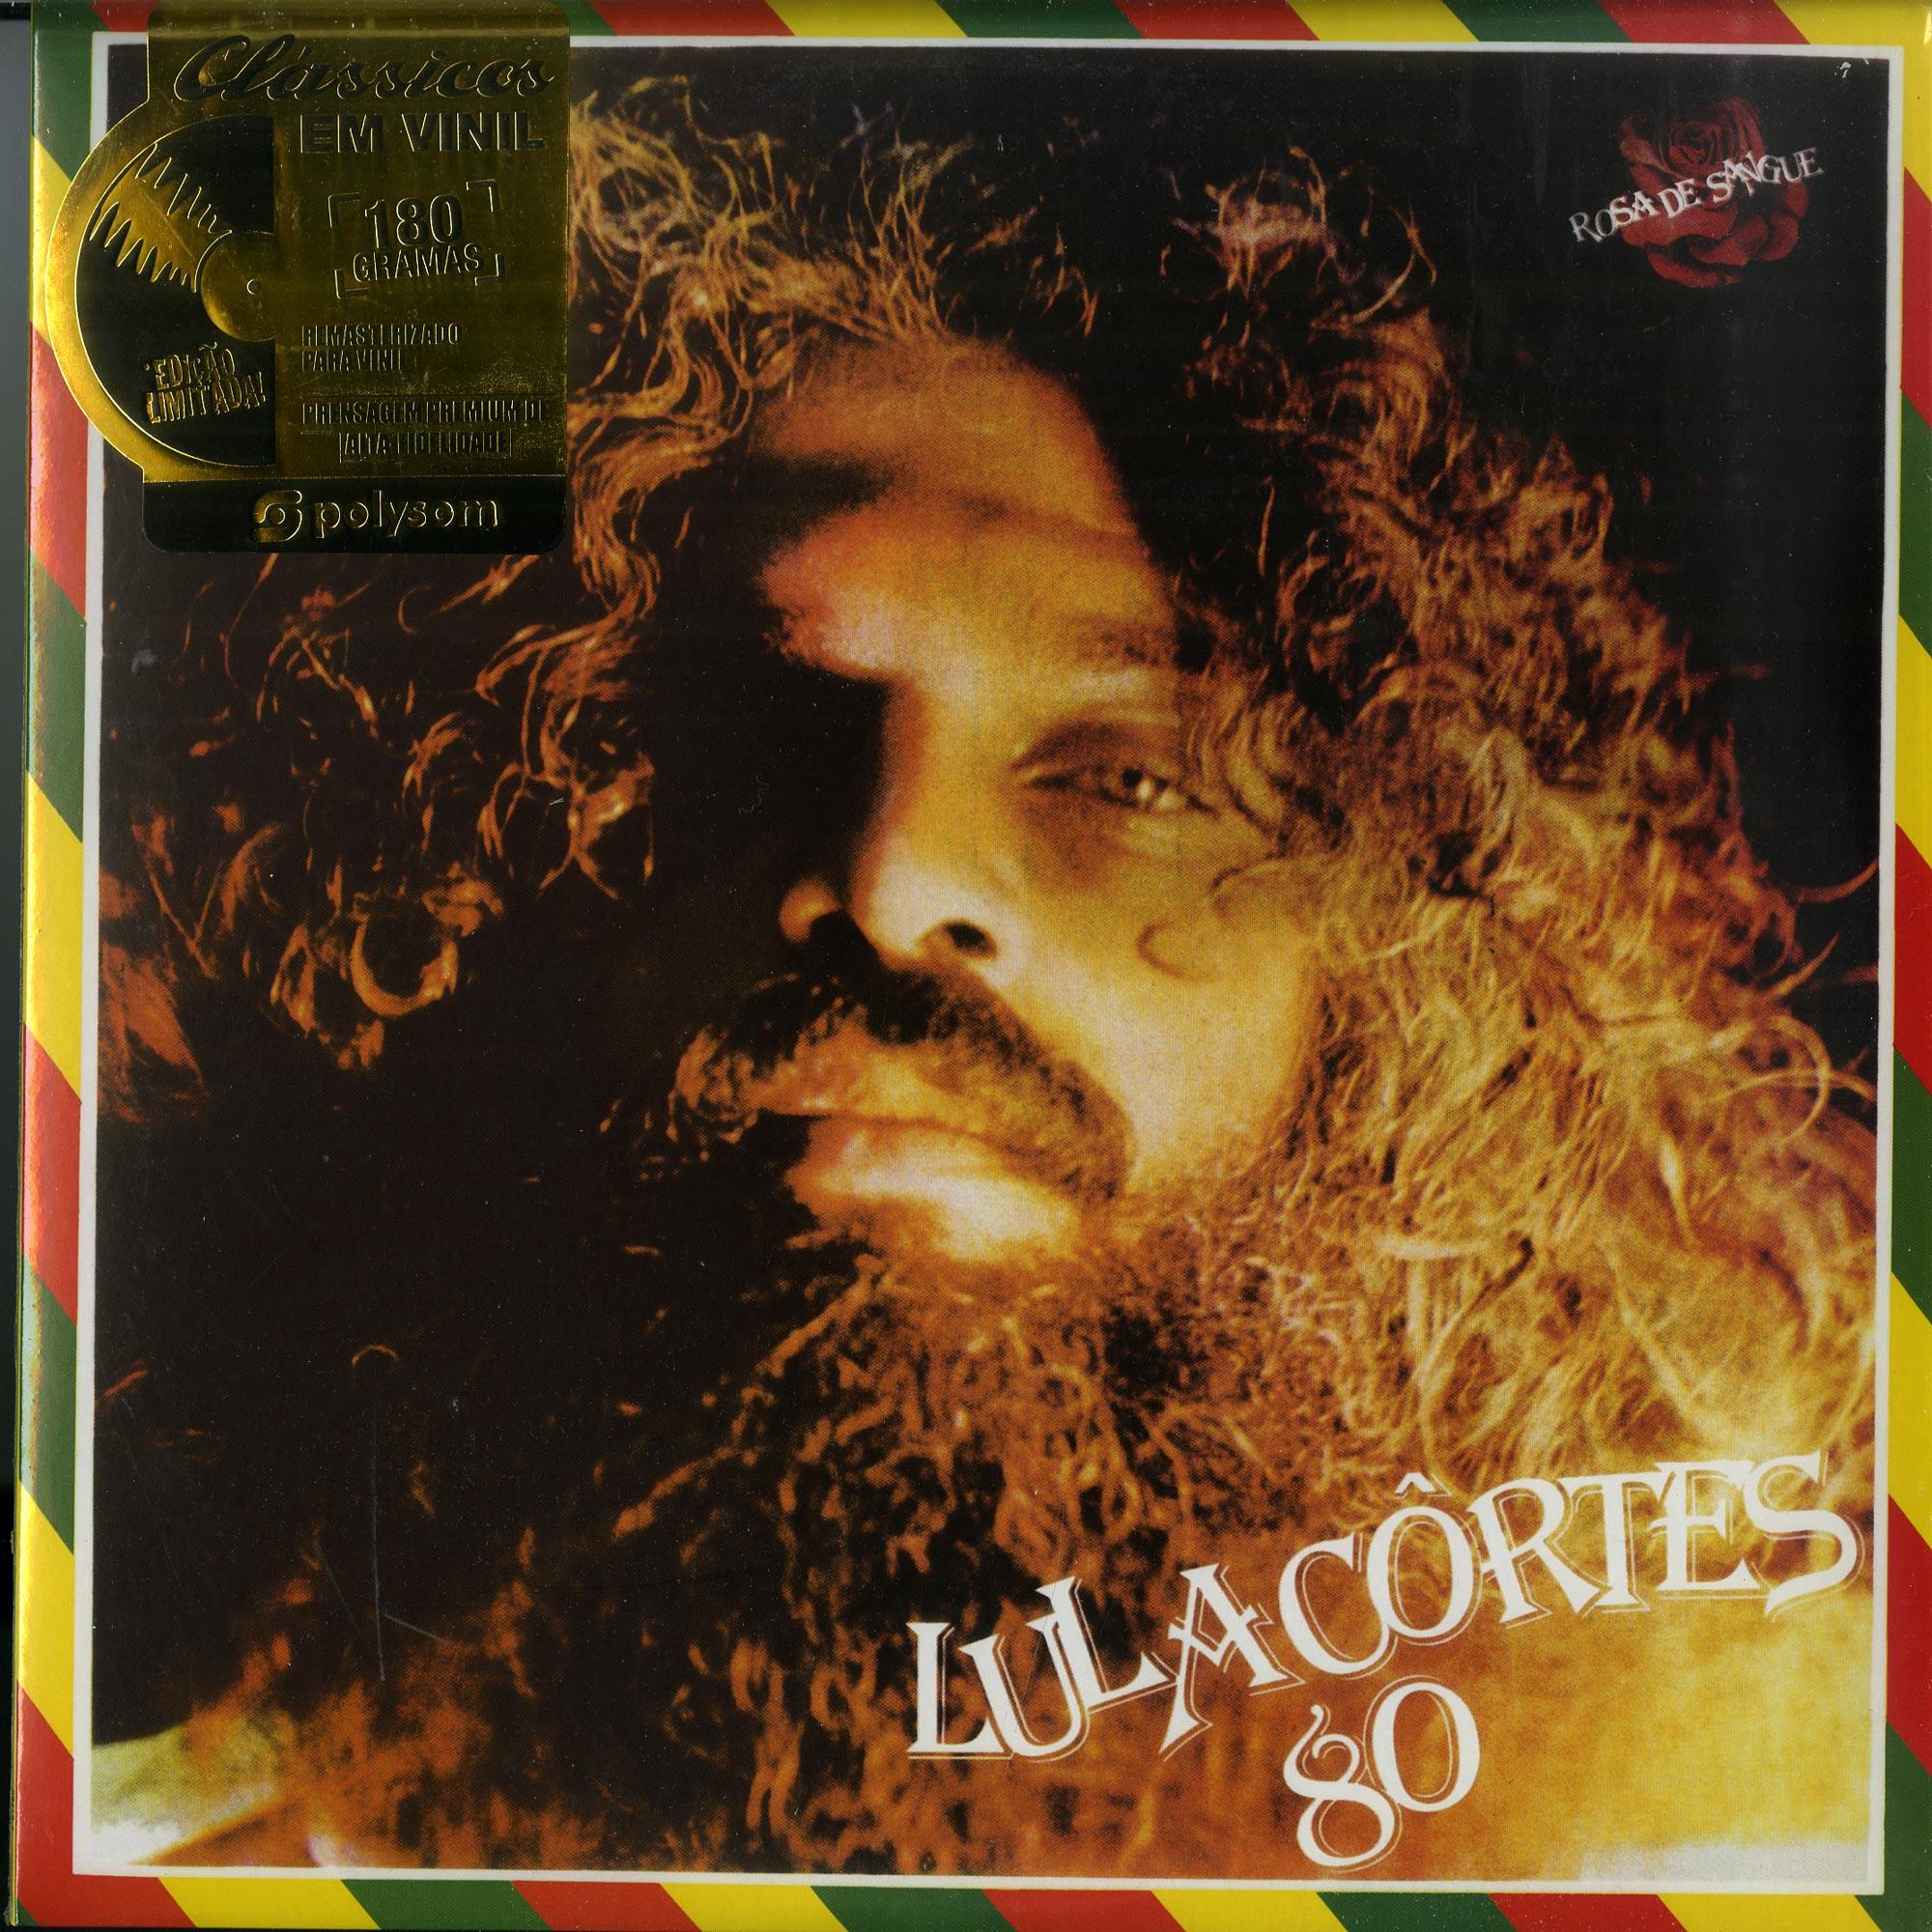 Lula Cortes - ROSA DE SANGUE